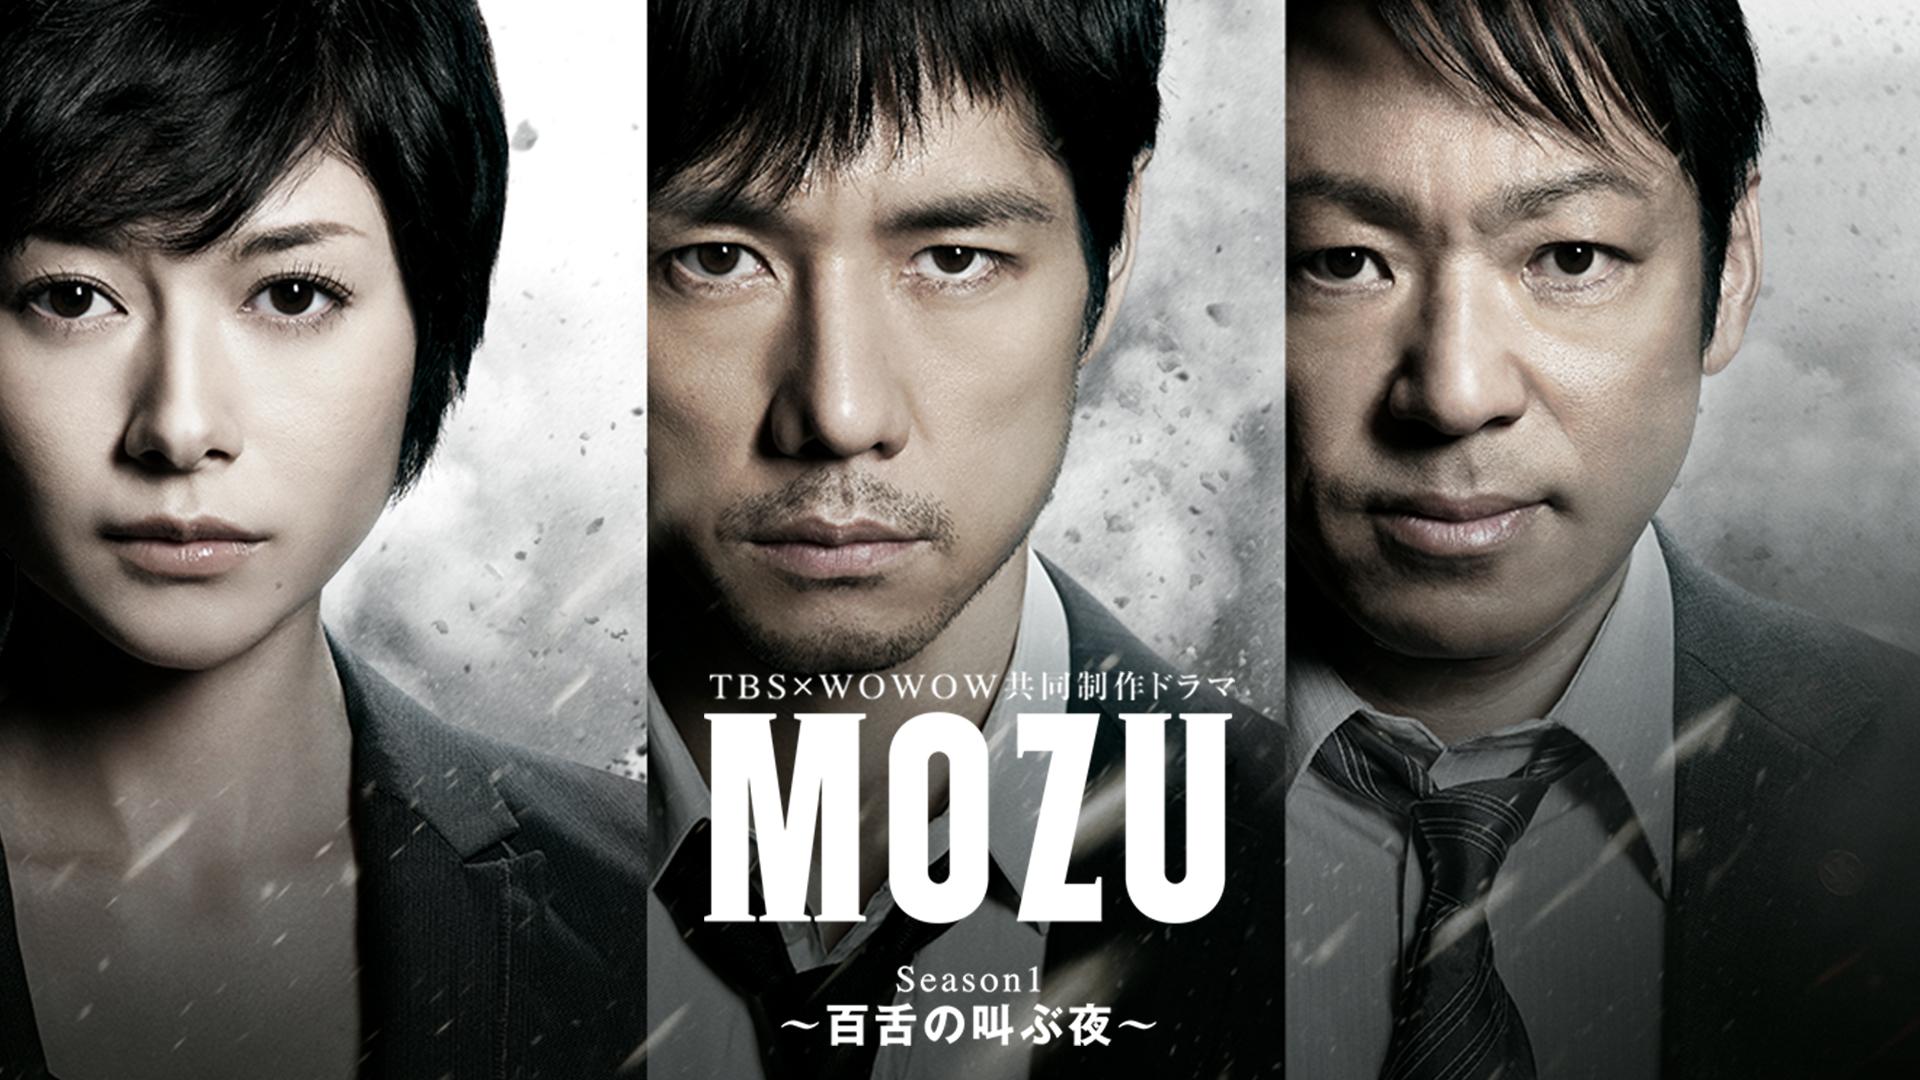 ドラマ『MOZU』無料動画!フル視聴を見逃し配信で!第1話から最終回・再放送まとめ